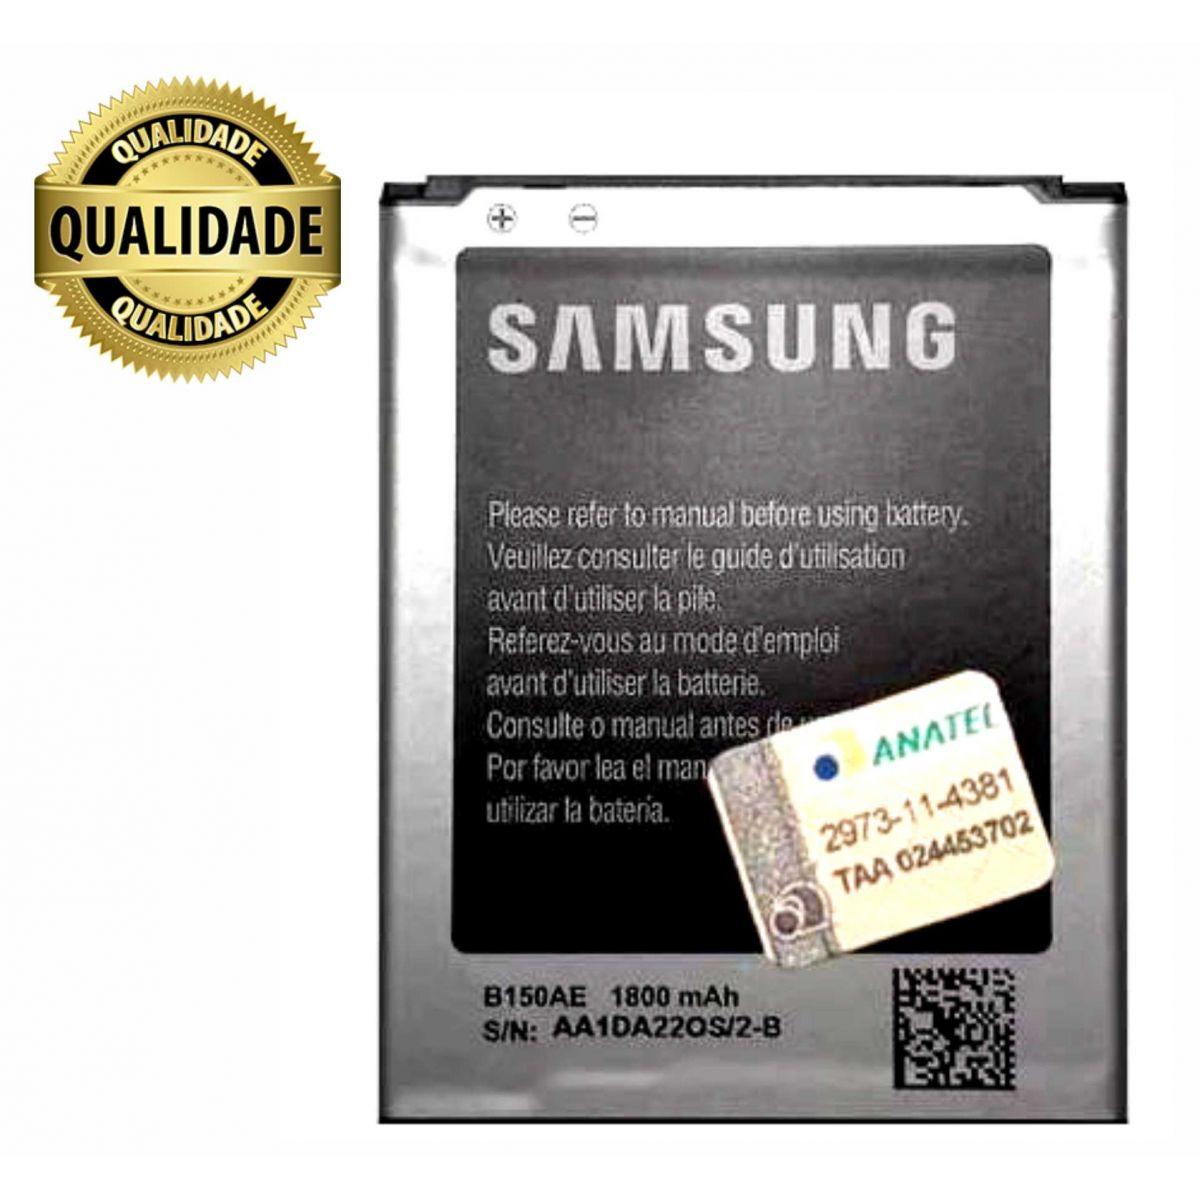 Bat Sam Galaxy Gt-I8262 Sm-G3502 B150AE 1800 mAh Original